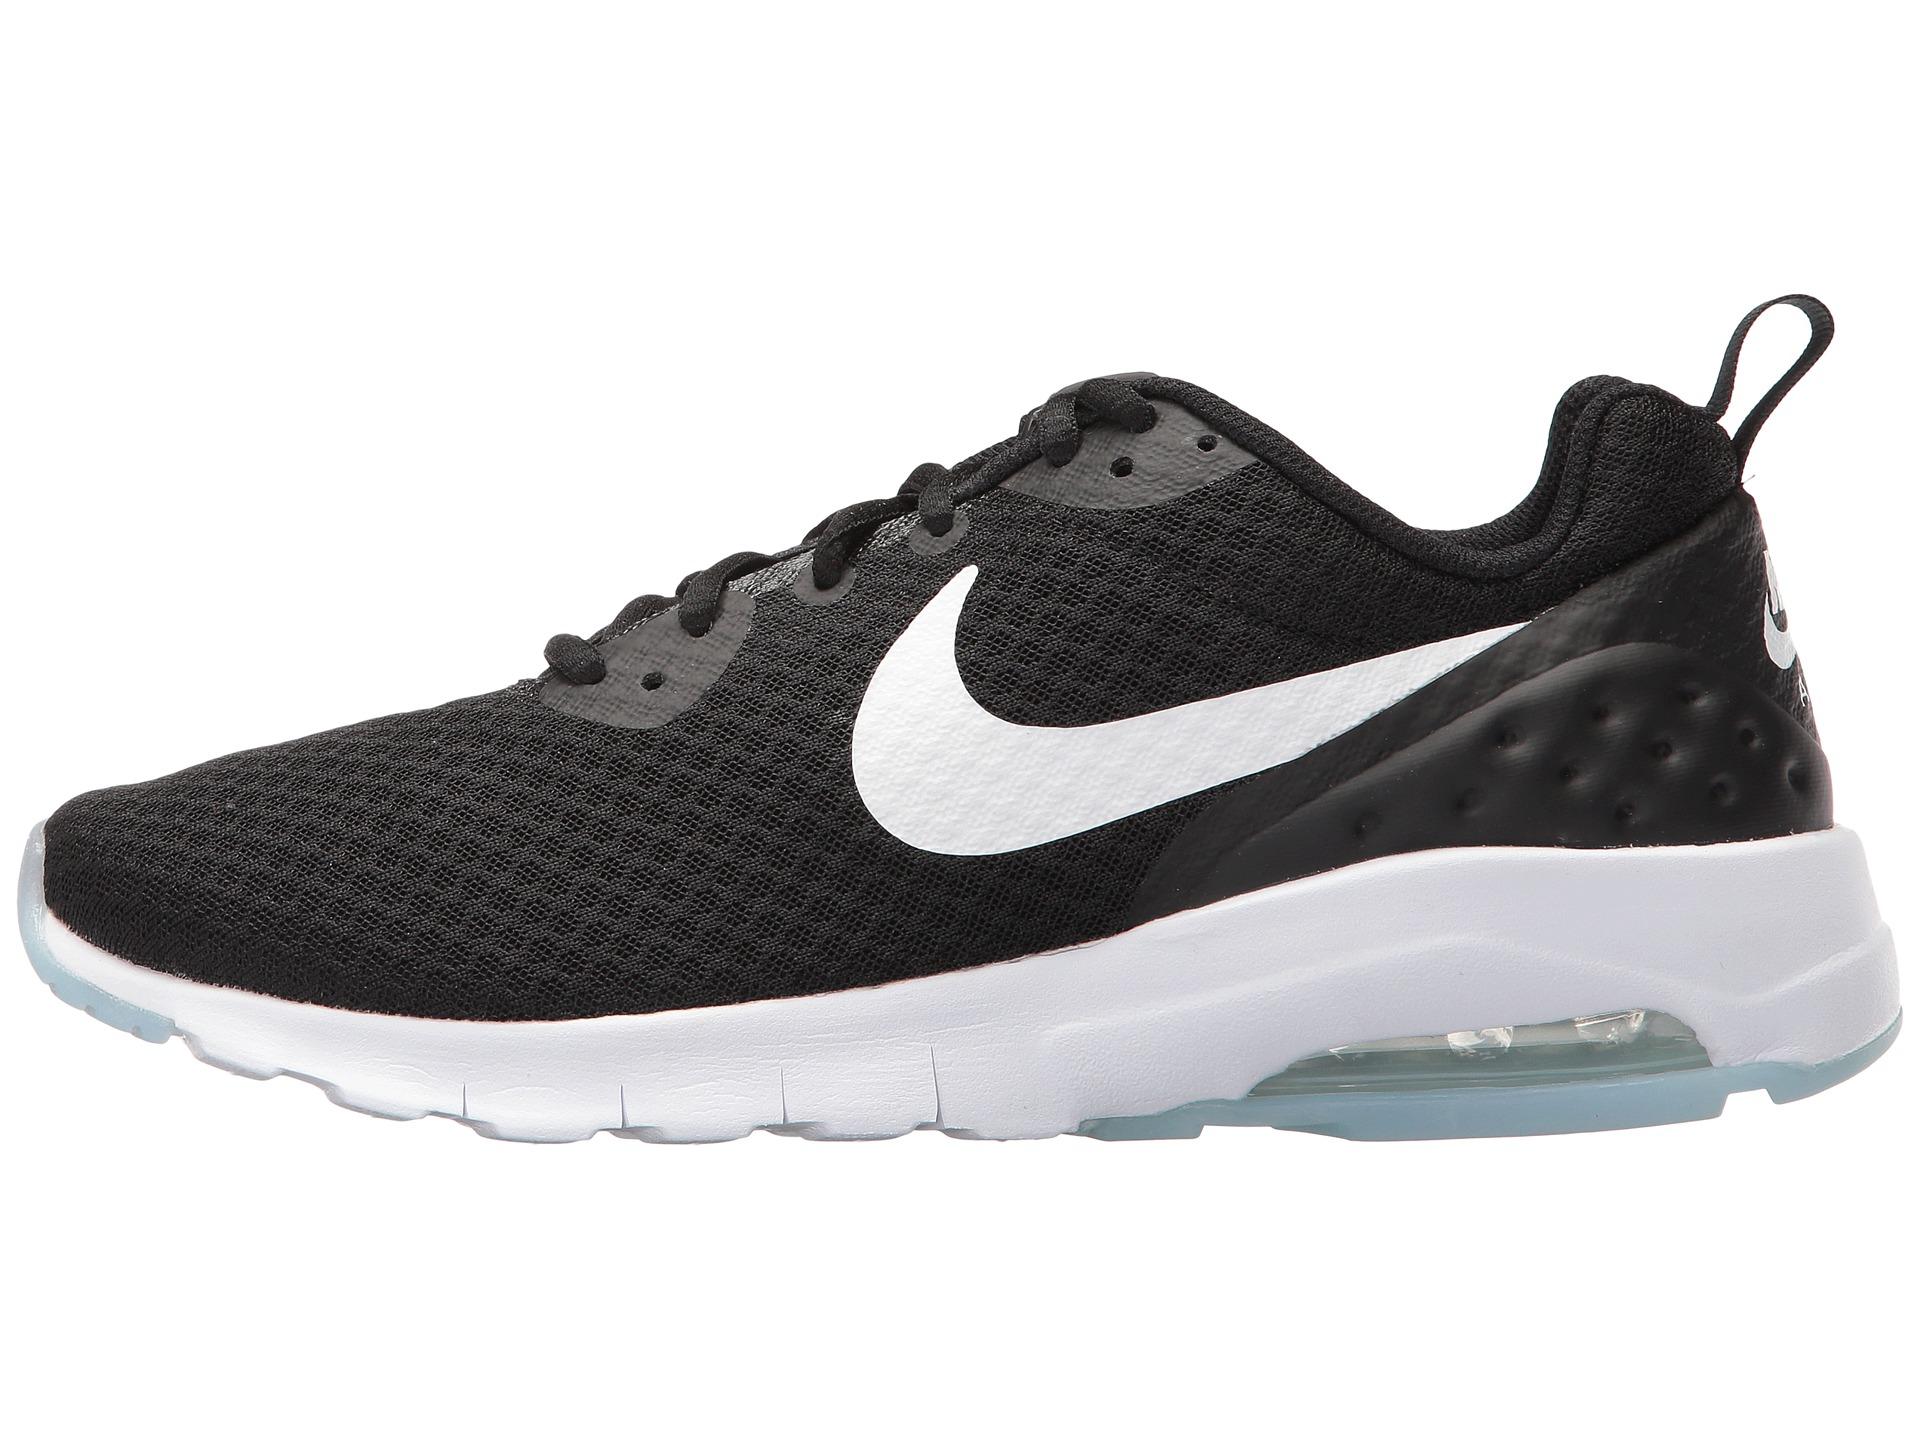 Nike Air Max Motion Discount Nike Air Max